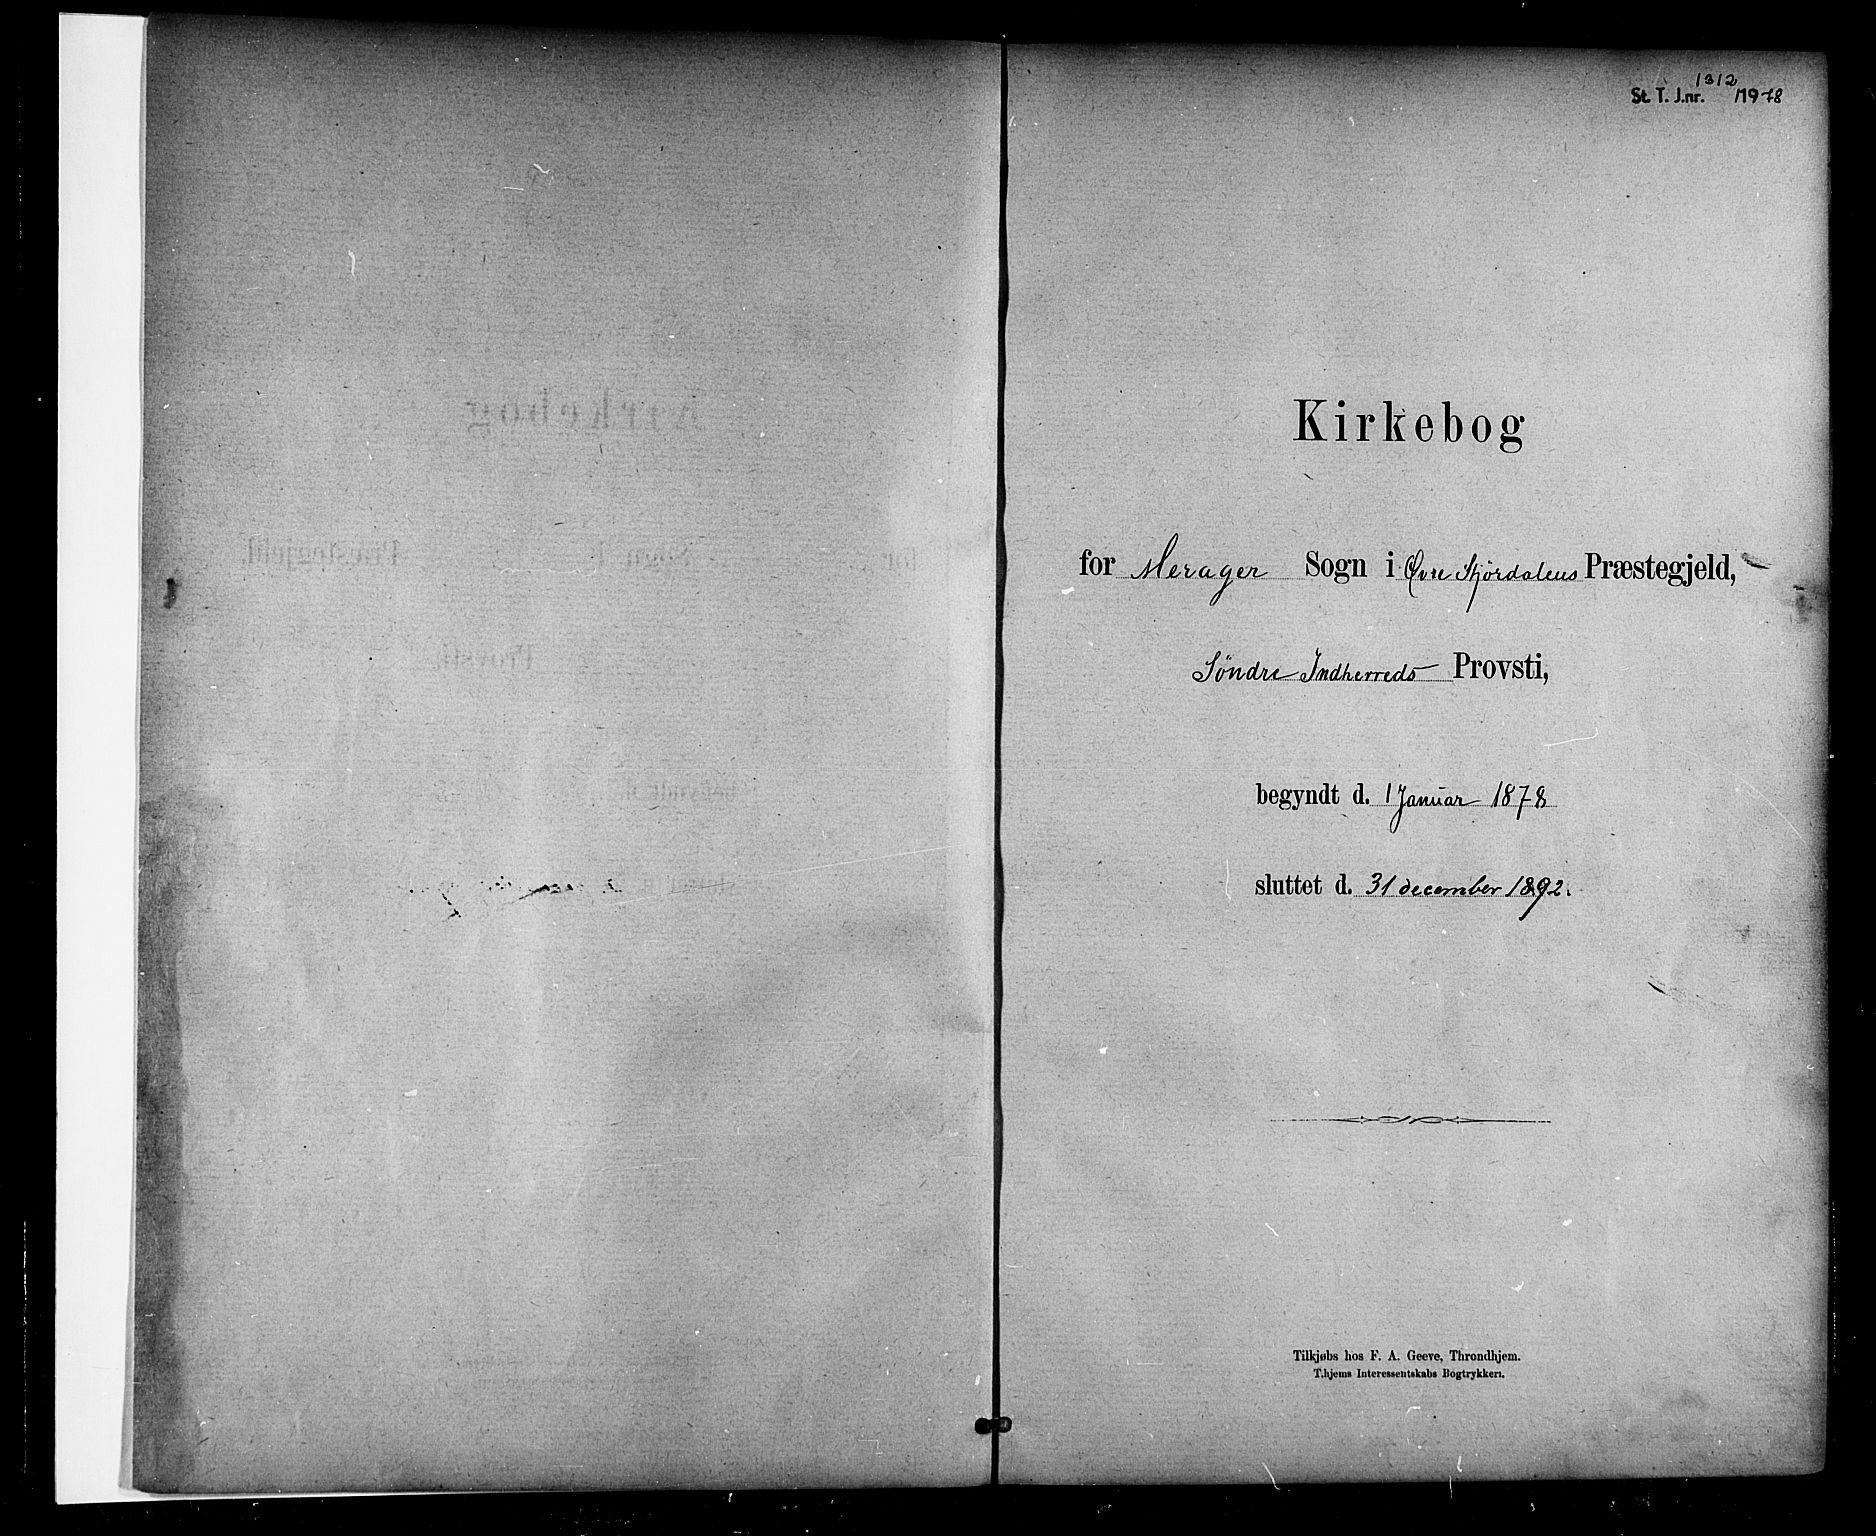 SAT, Ministerialprotokoller, klokkerbøker og fødselsregistre - Nord-Trøndelag, 706/L0047: Ministerialbok nr. 706A03, 1878-1892